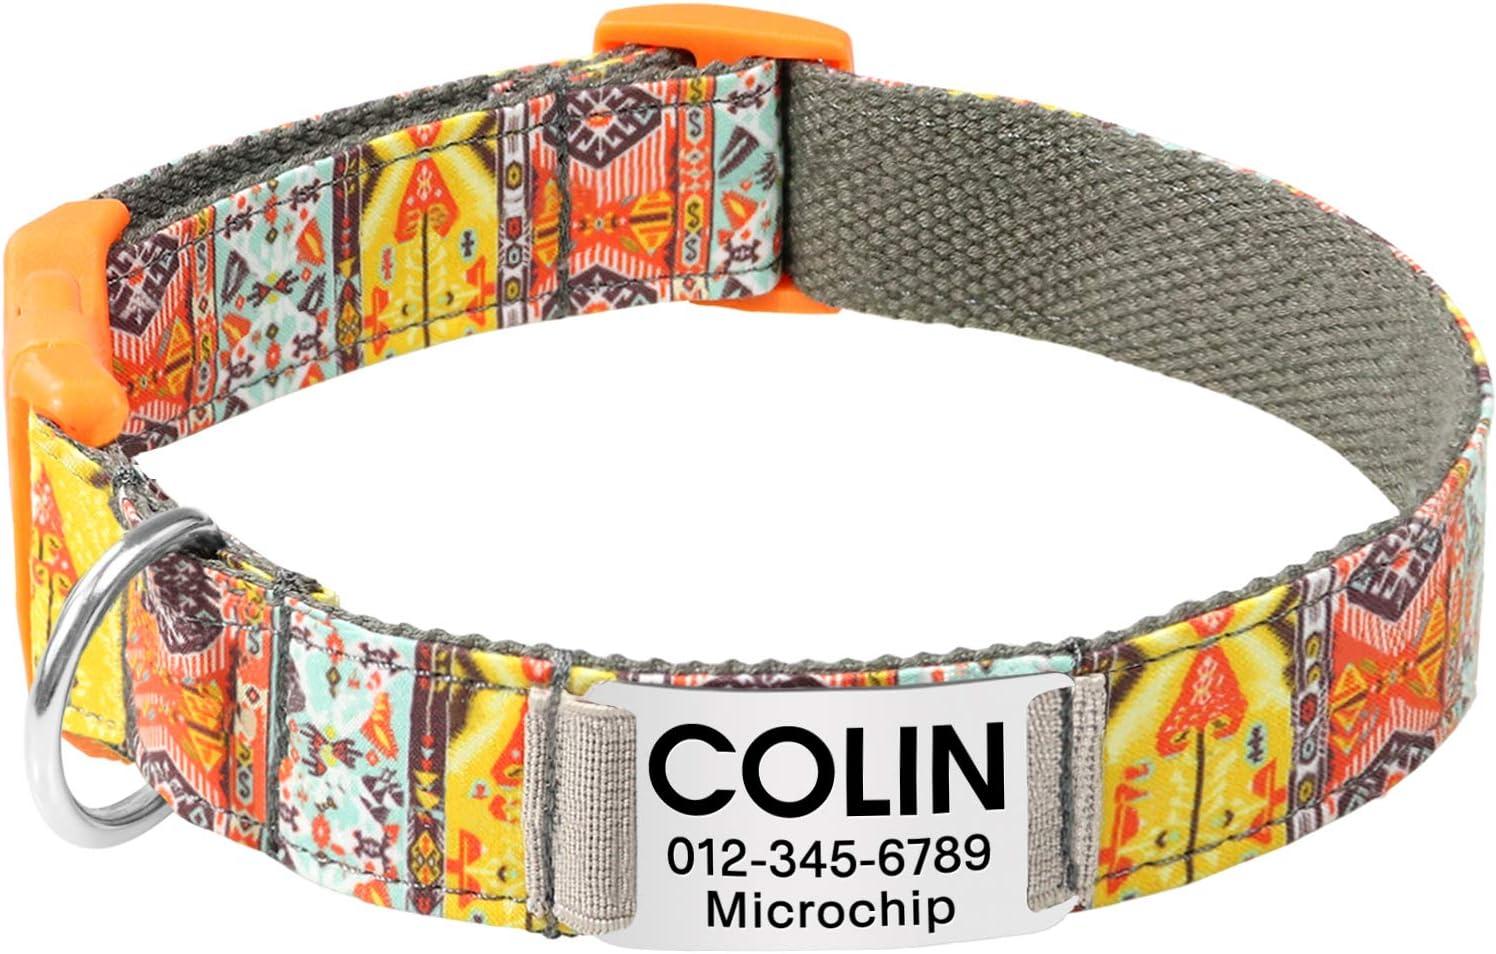 Vcalabashor Collar de Perro Personalizado, Placa de Acero Inoxidable grabada con Nombre y Número de Teléfono del Perro,Caqui Medio